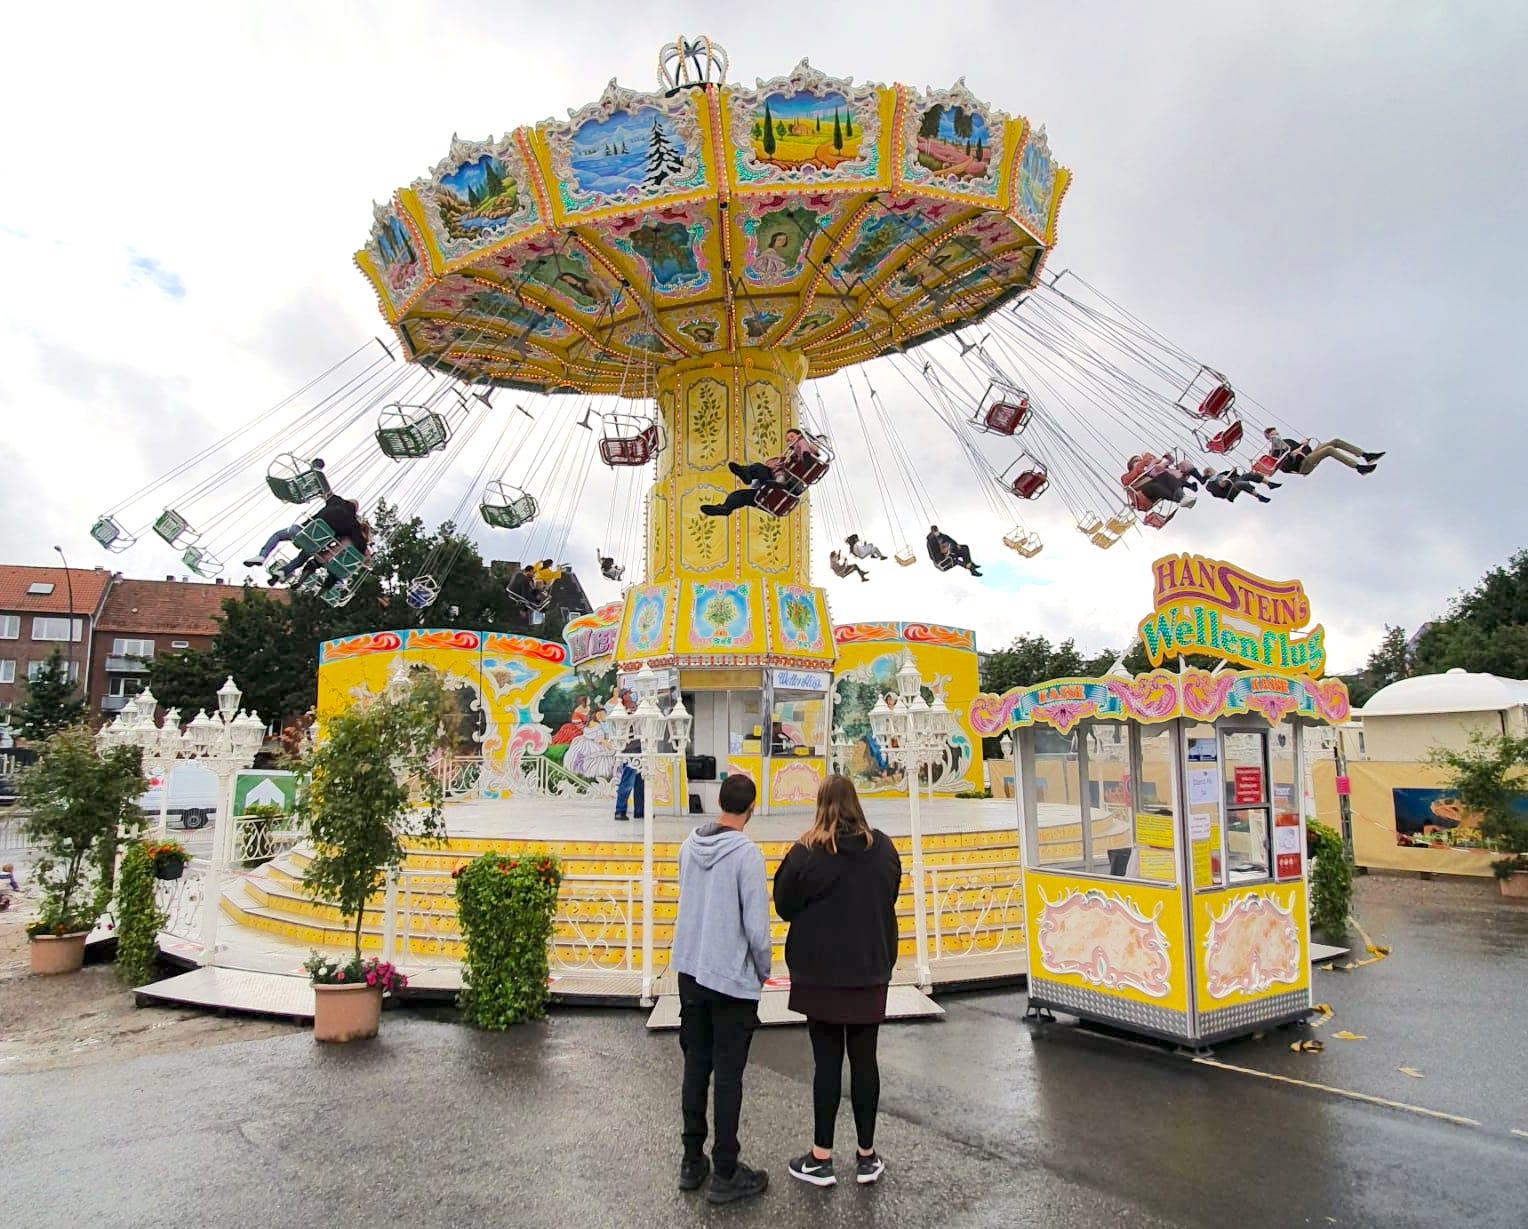 Tipp: Mittwochs ist Familientag auf dem Hamburger Sommerdom